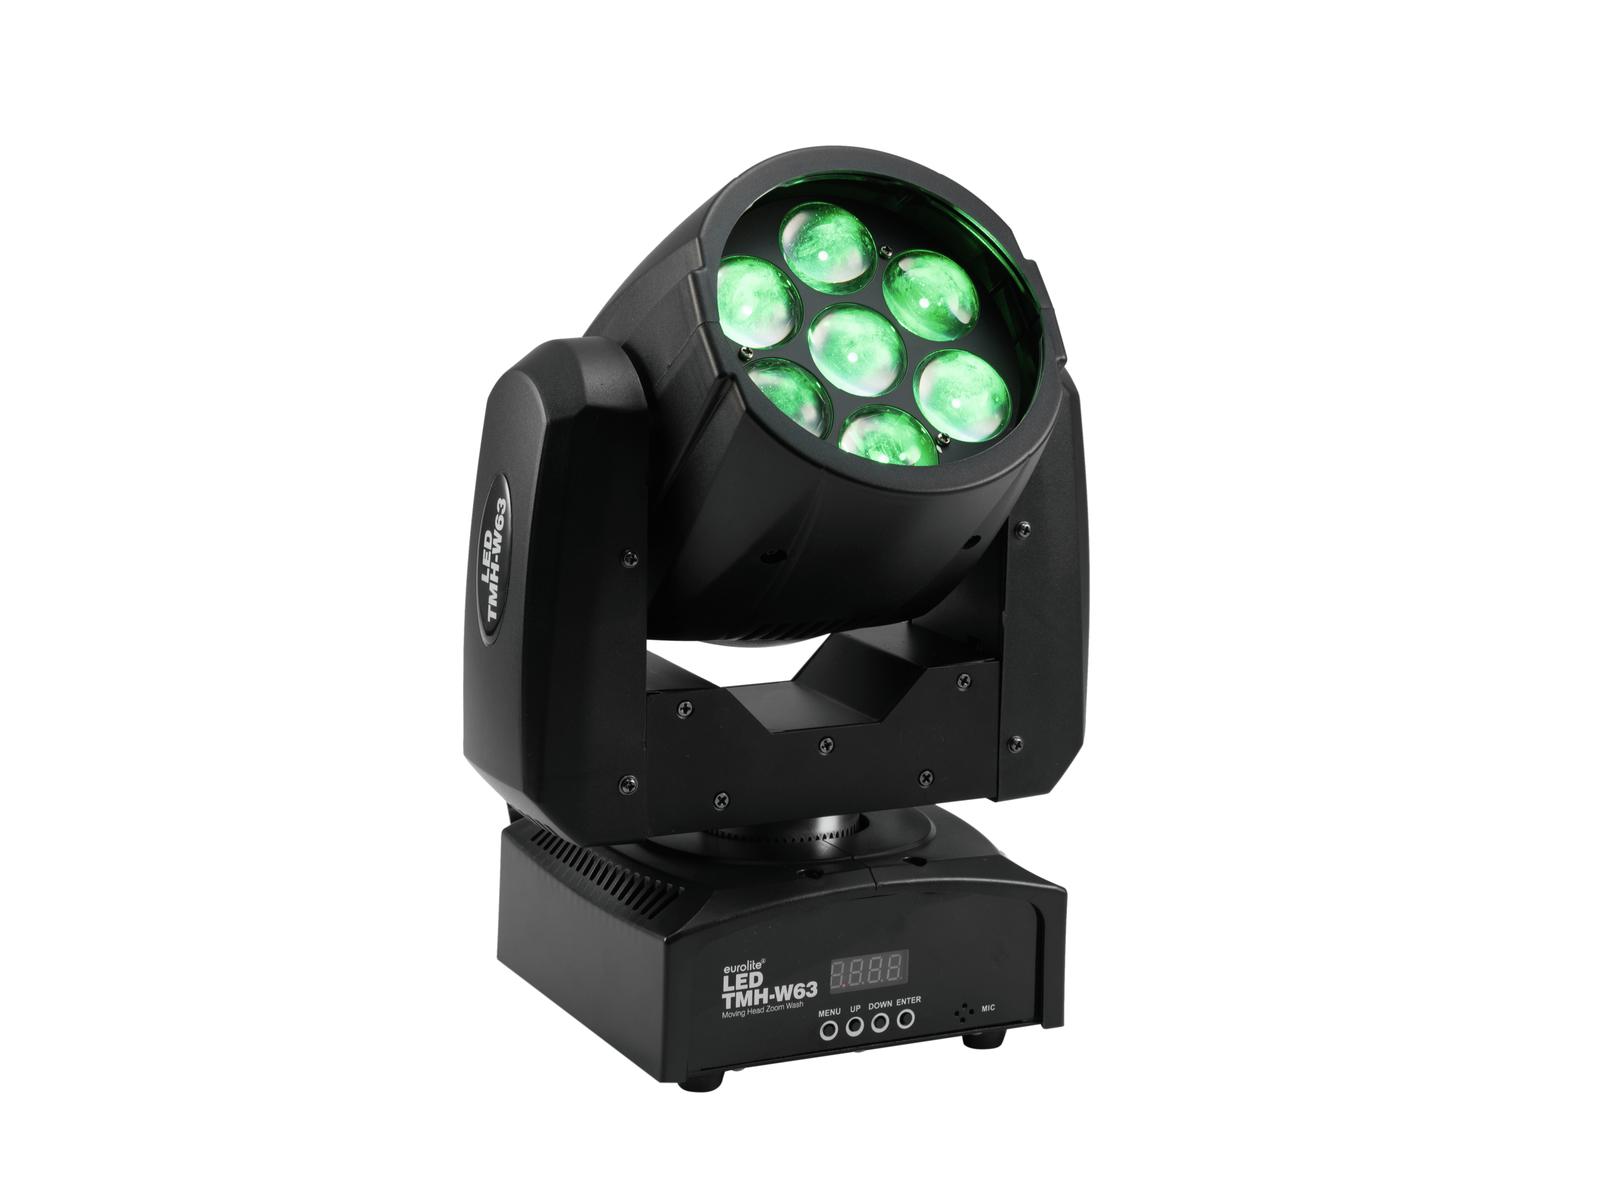 EUROLITE LED TMH-W63 Moving-Head Zoom Wash